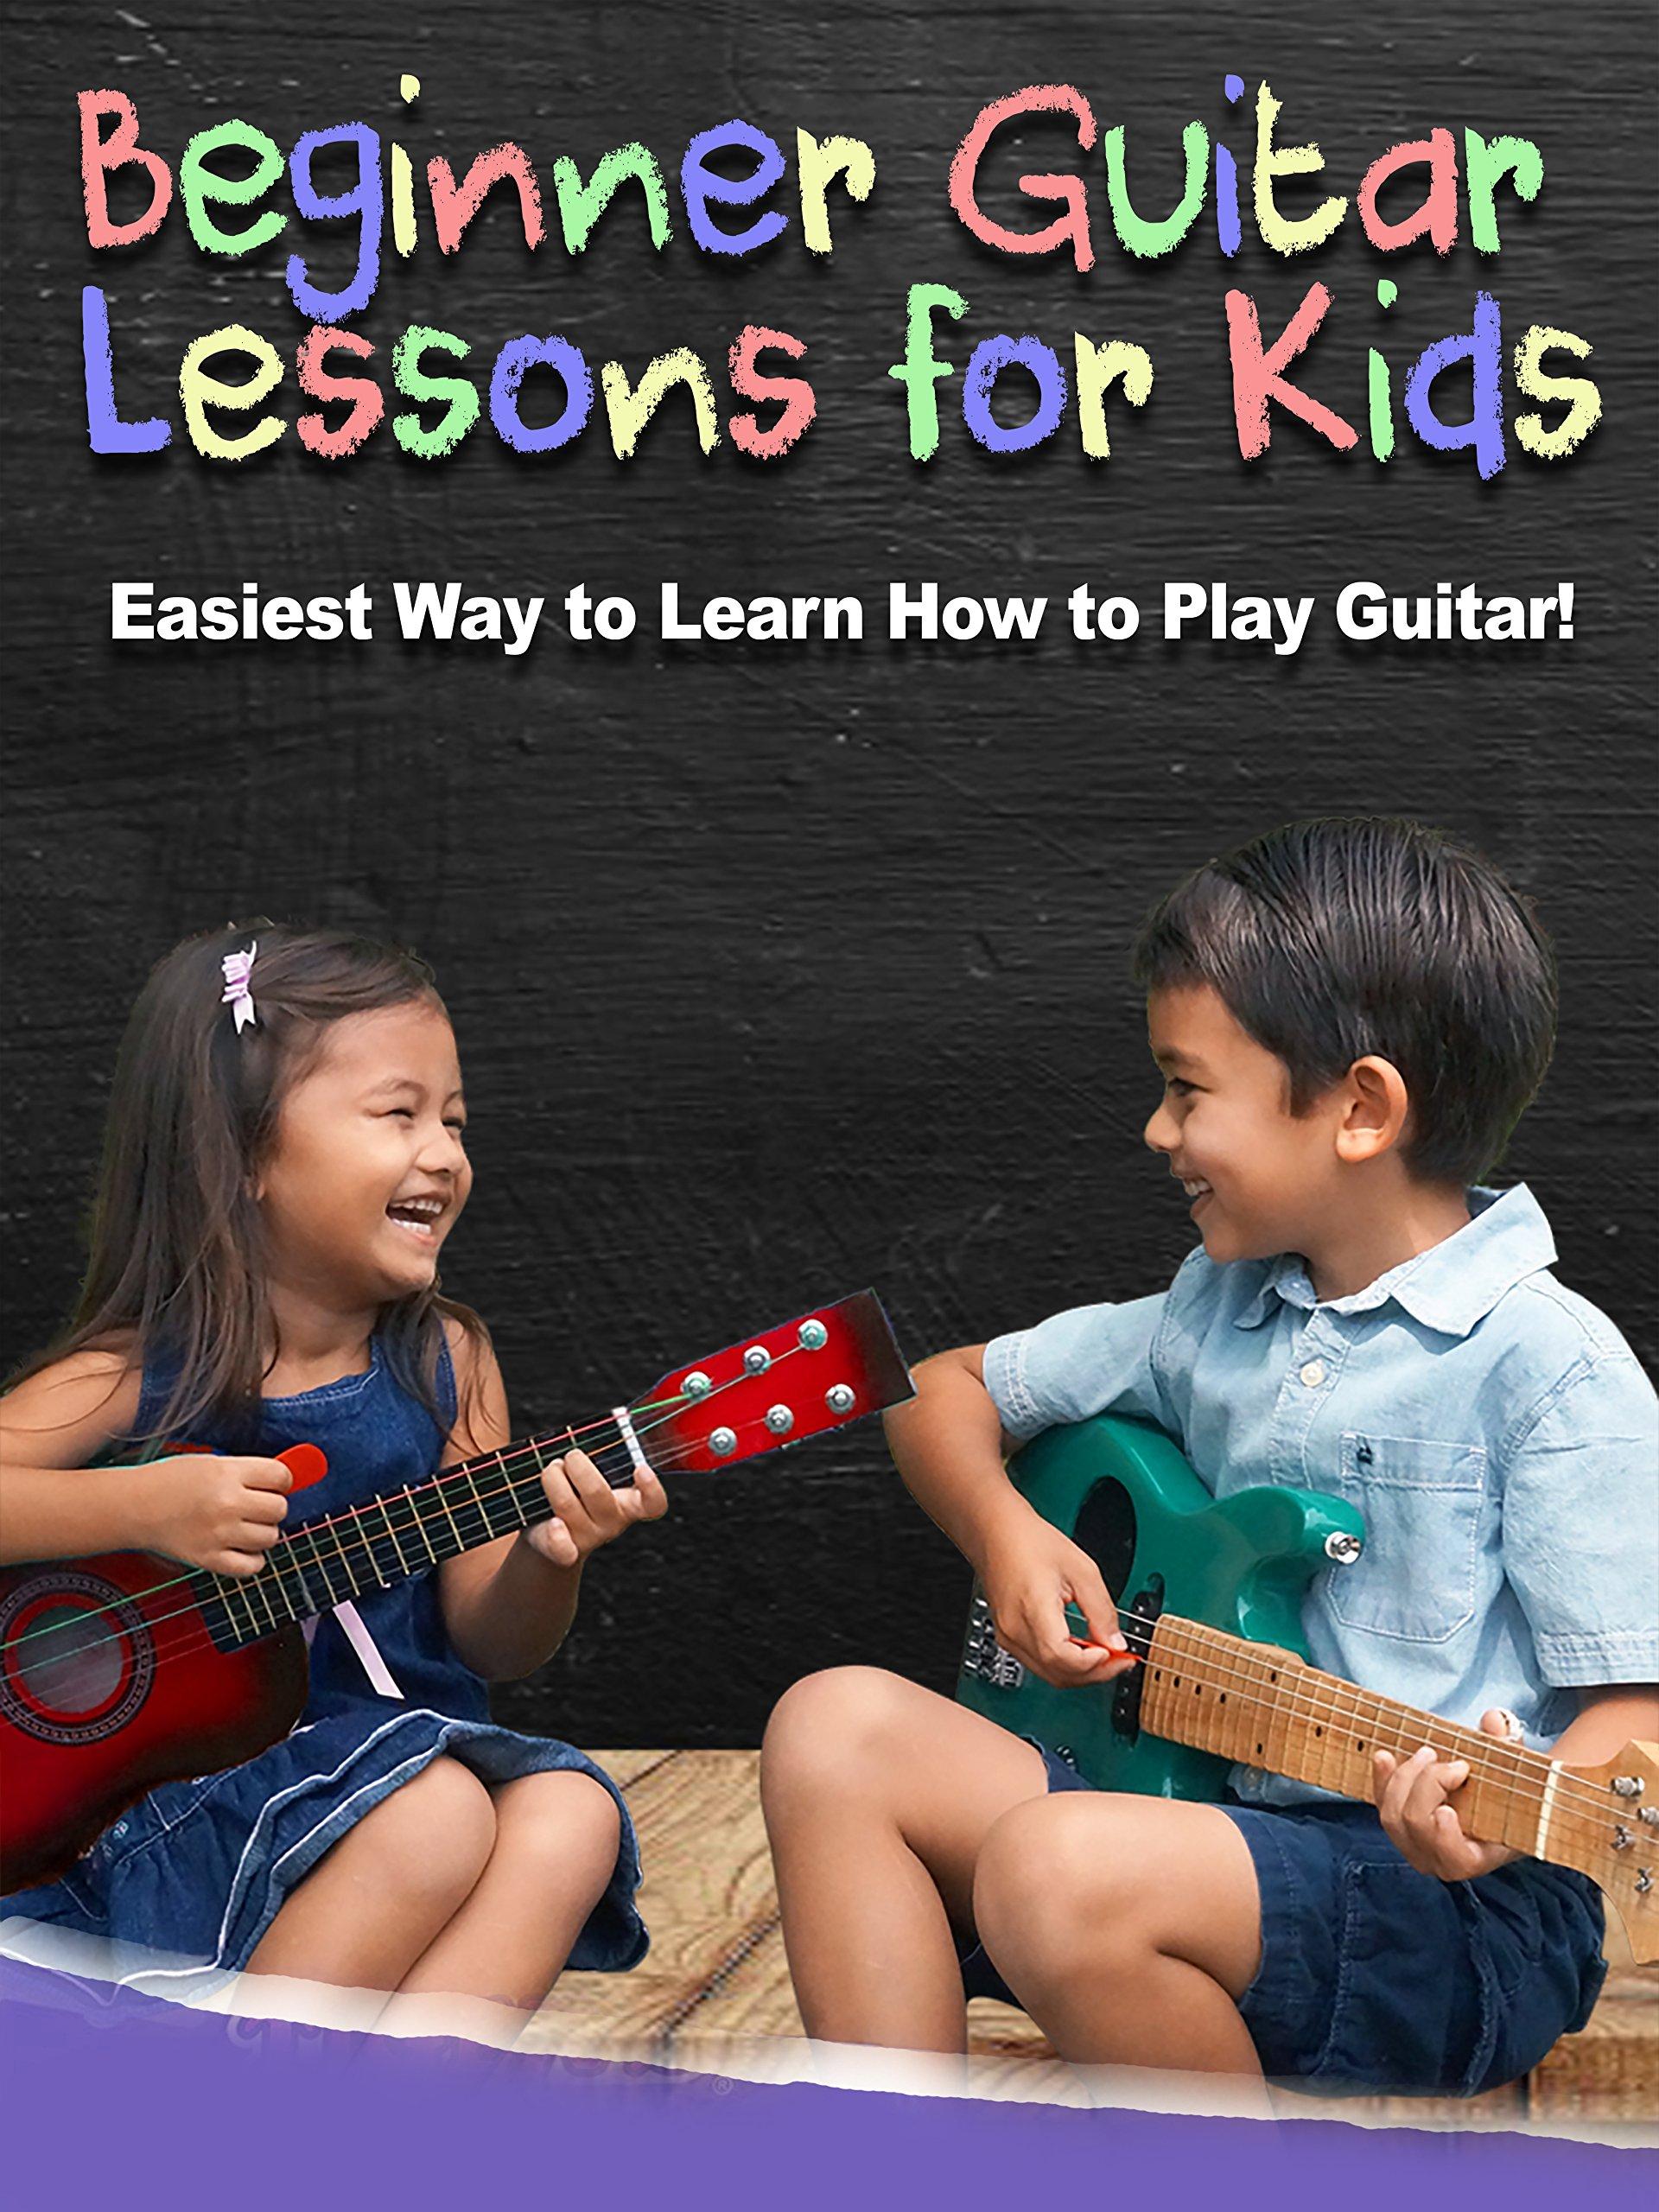 Beginner Guitar Lessons for Kids